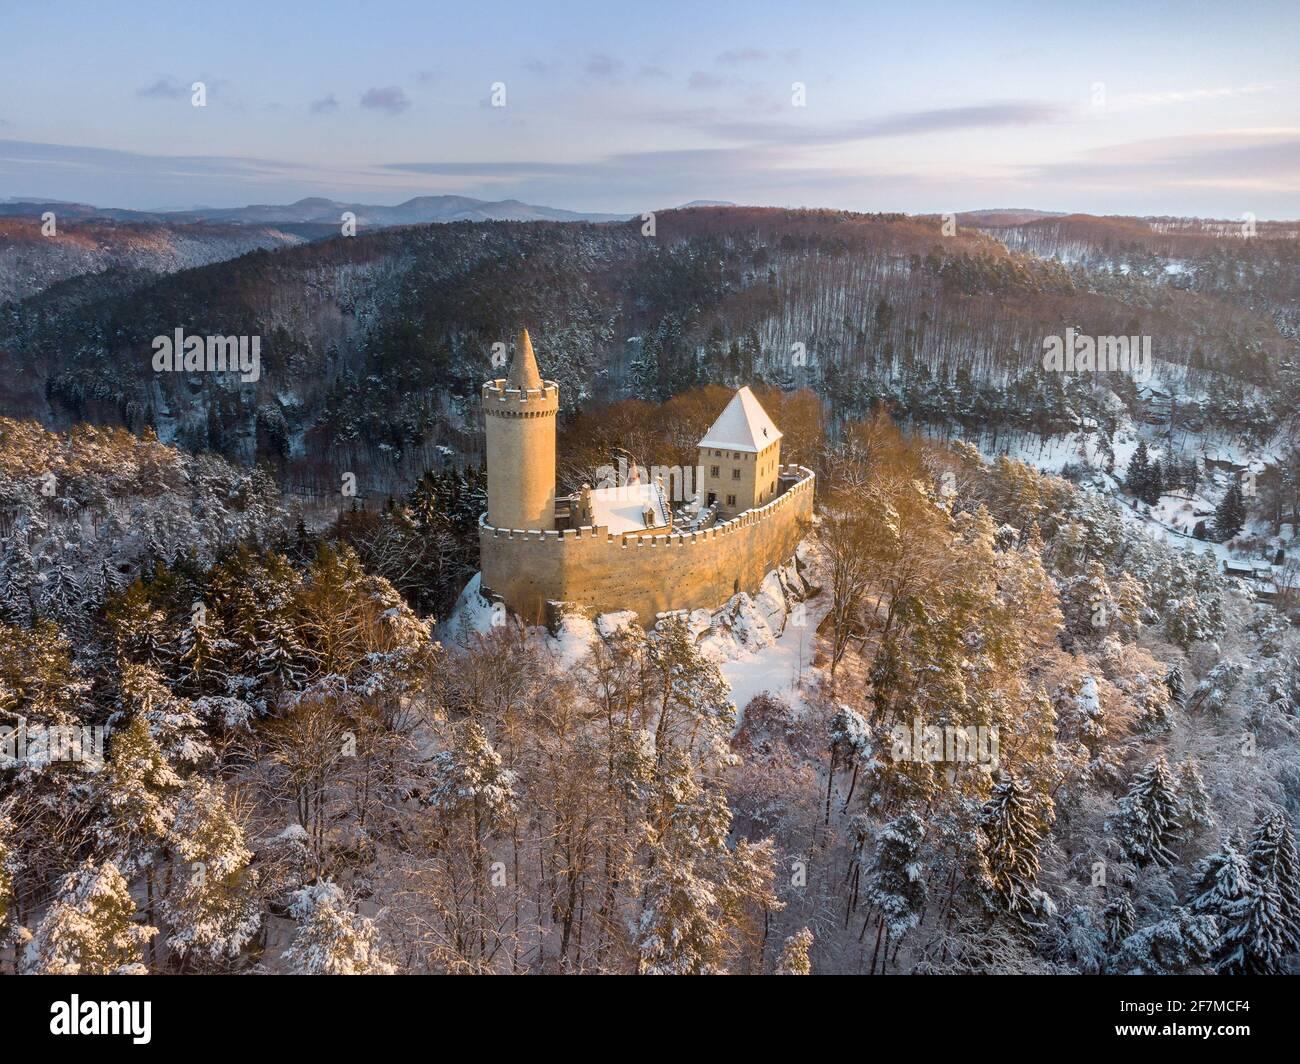 Vue aérienne du château médiéval de Kokorin dans le parc national de Kokorinsko à proximité de Prague en République tchèque, en Europe. Banque D'Images